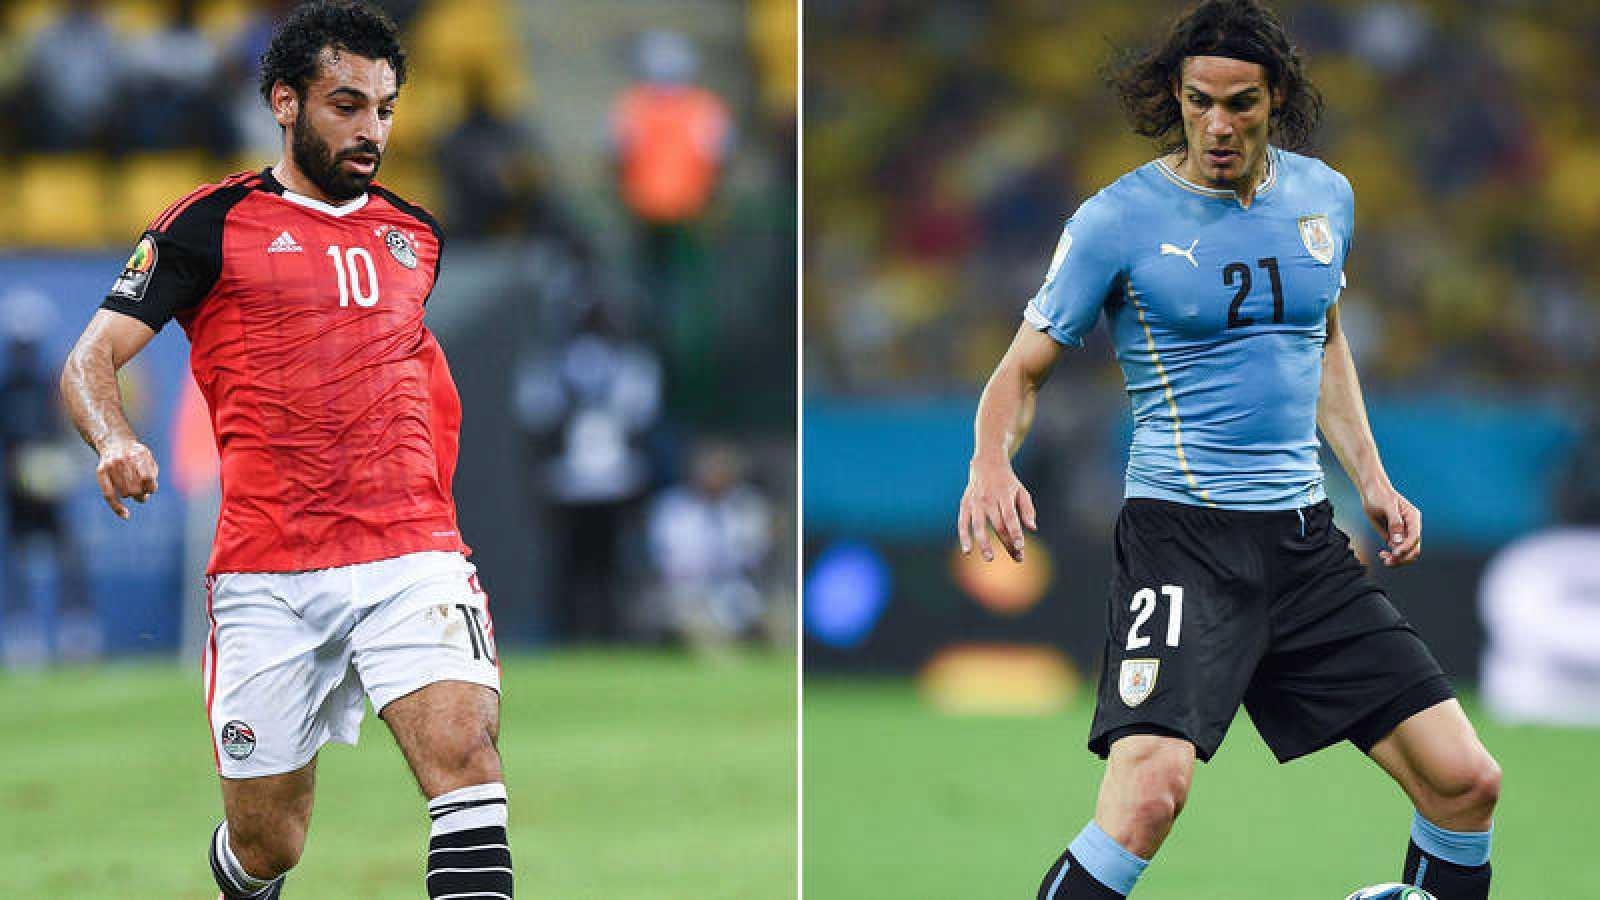 El egipcio Salah y el uruguayo Cavani, duelo de delanteros en el Egipto - Uruguay.